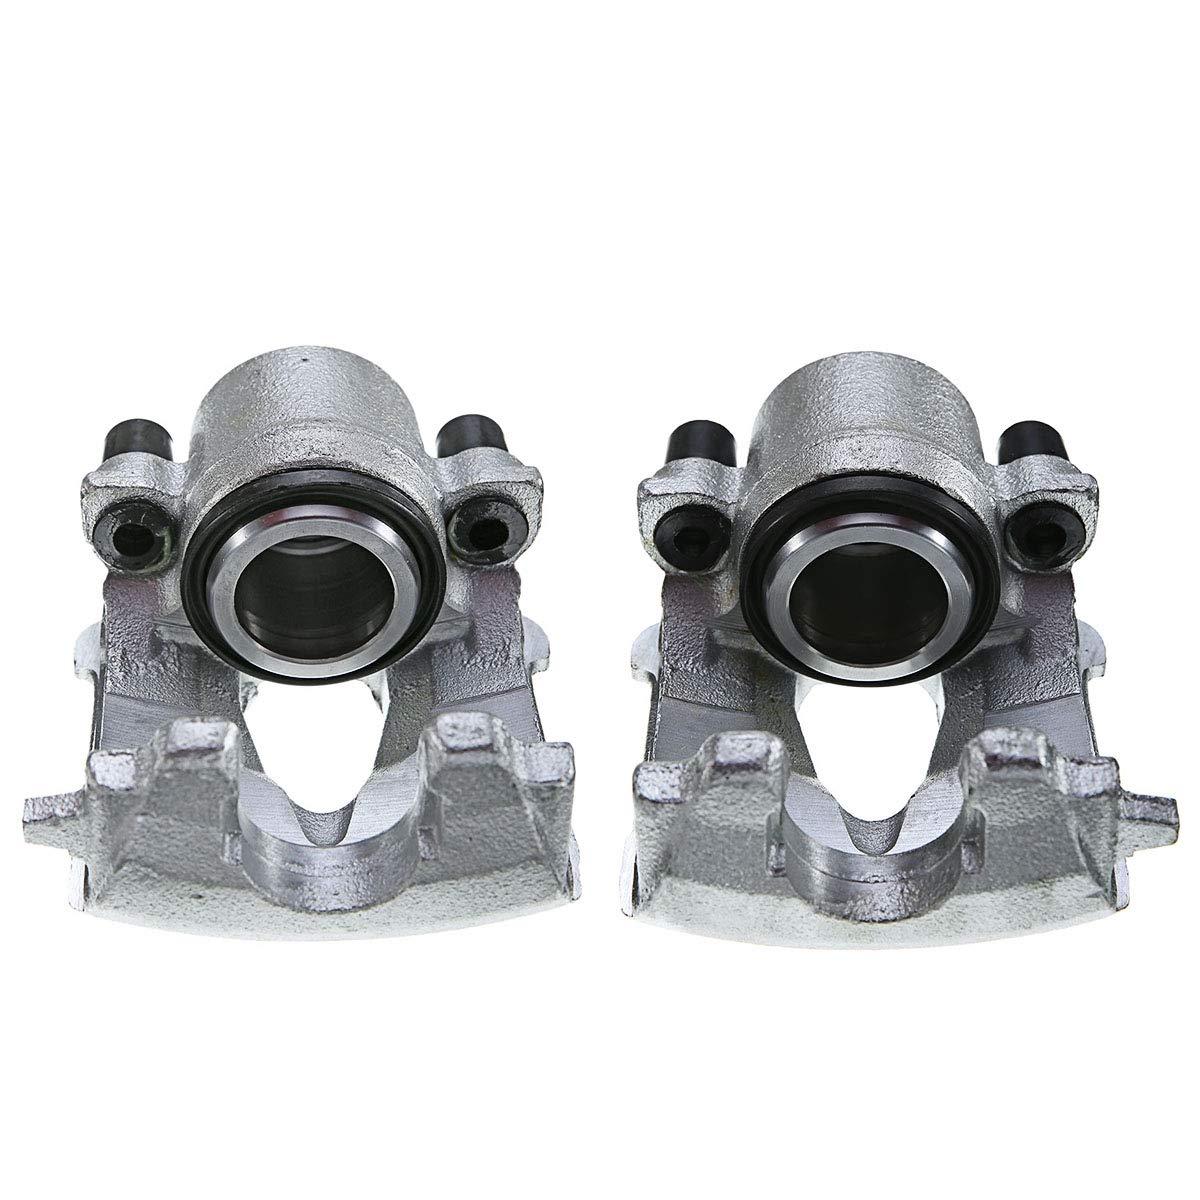 2x Bremssattel Bremszange Vorderachse Links Rechts f/ür W203 CL203 S203 C209 A209 R171 2000-2011